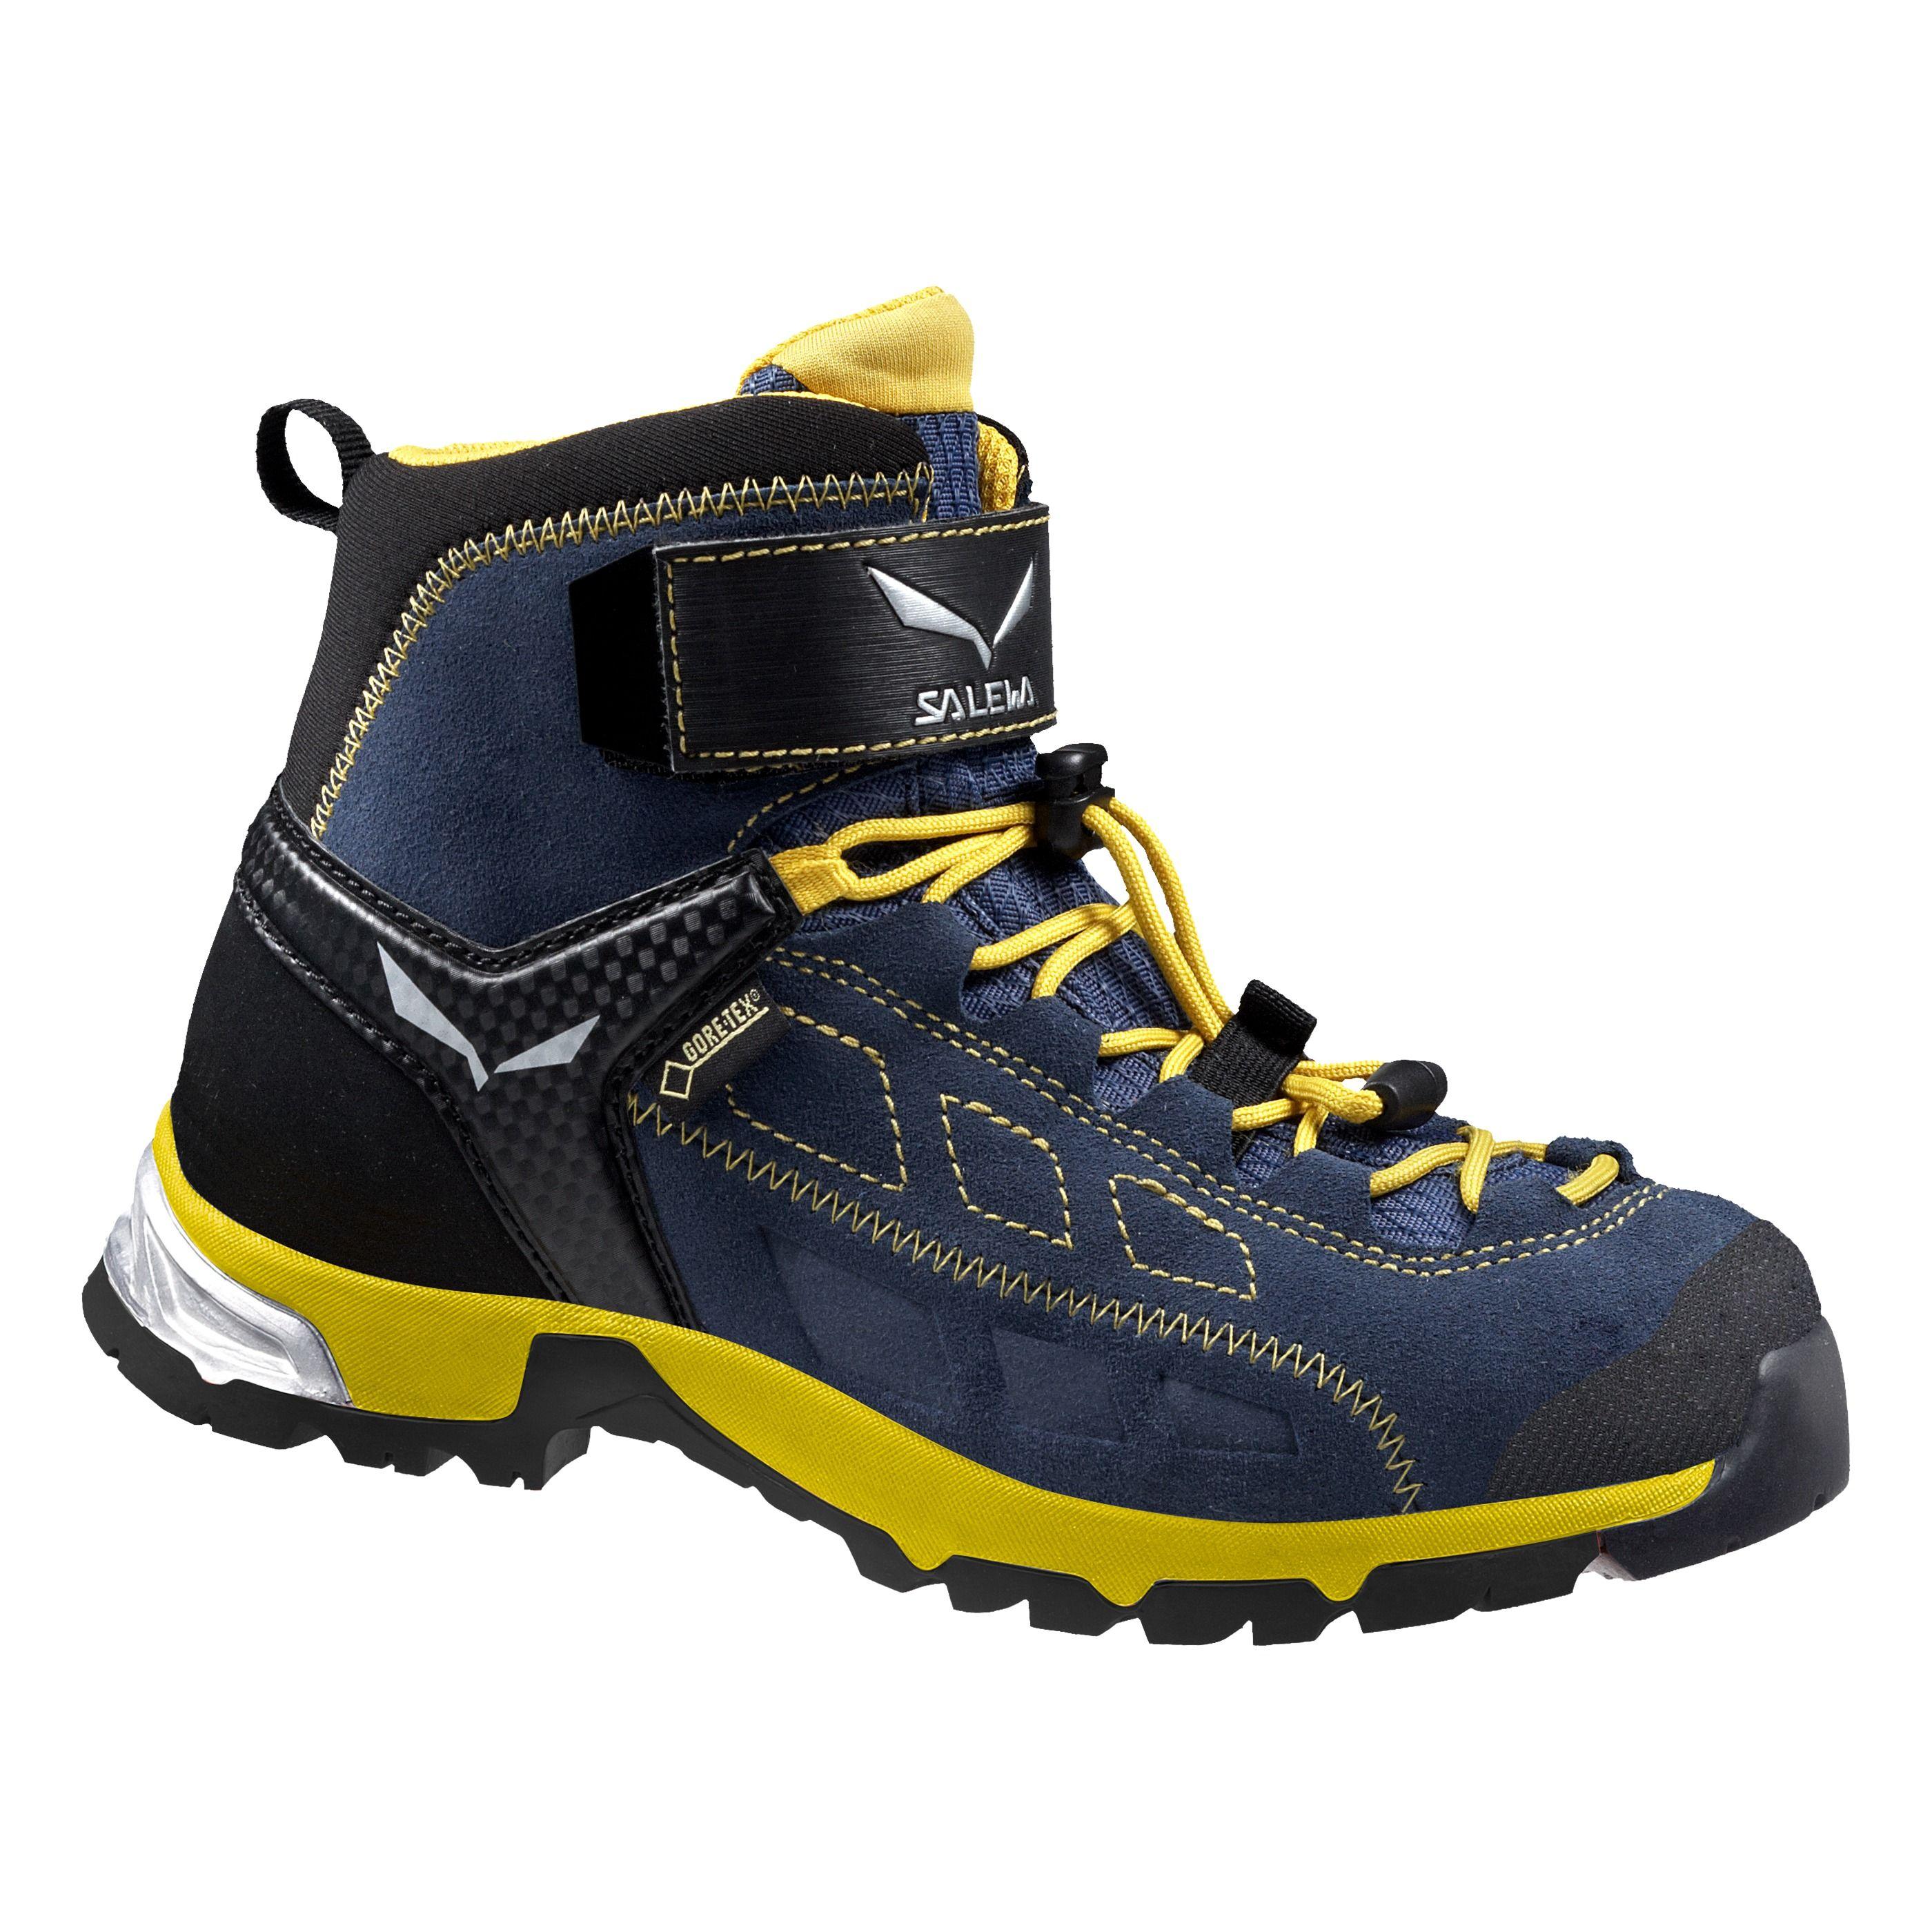 Купить Ботинки городские (высокие) Salewa Junior Approach JR ALP PLAYER MID GTX Winter Night/Ringlo Обувь для города 1205833